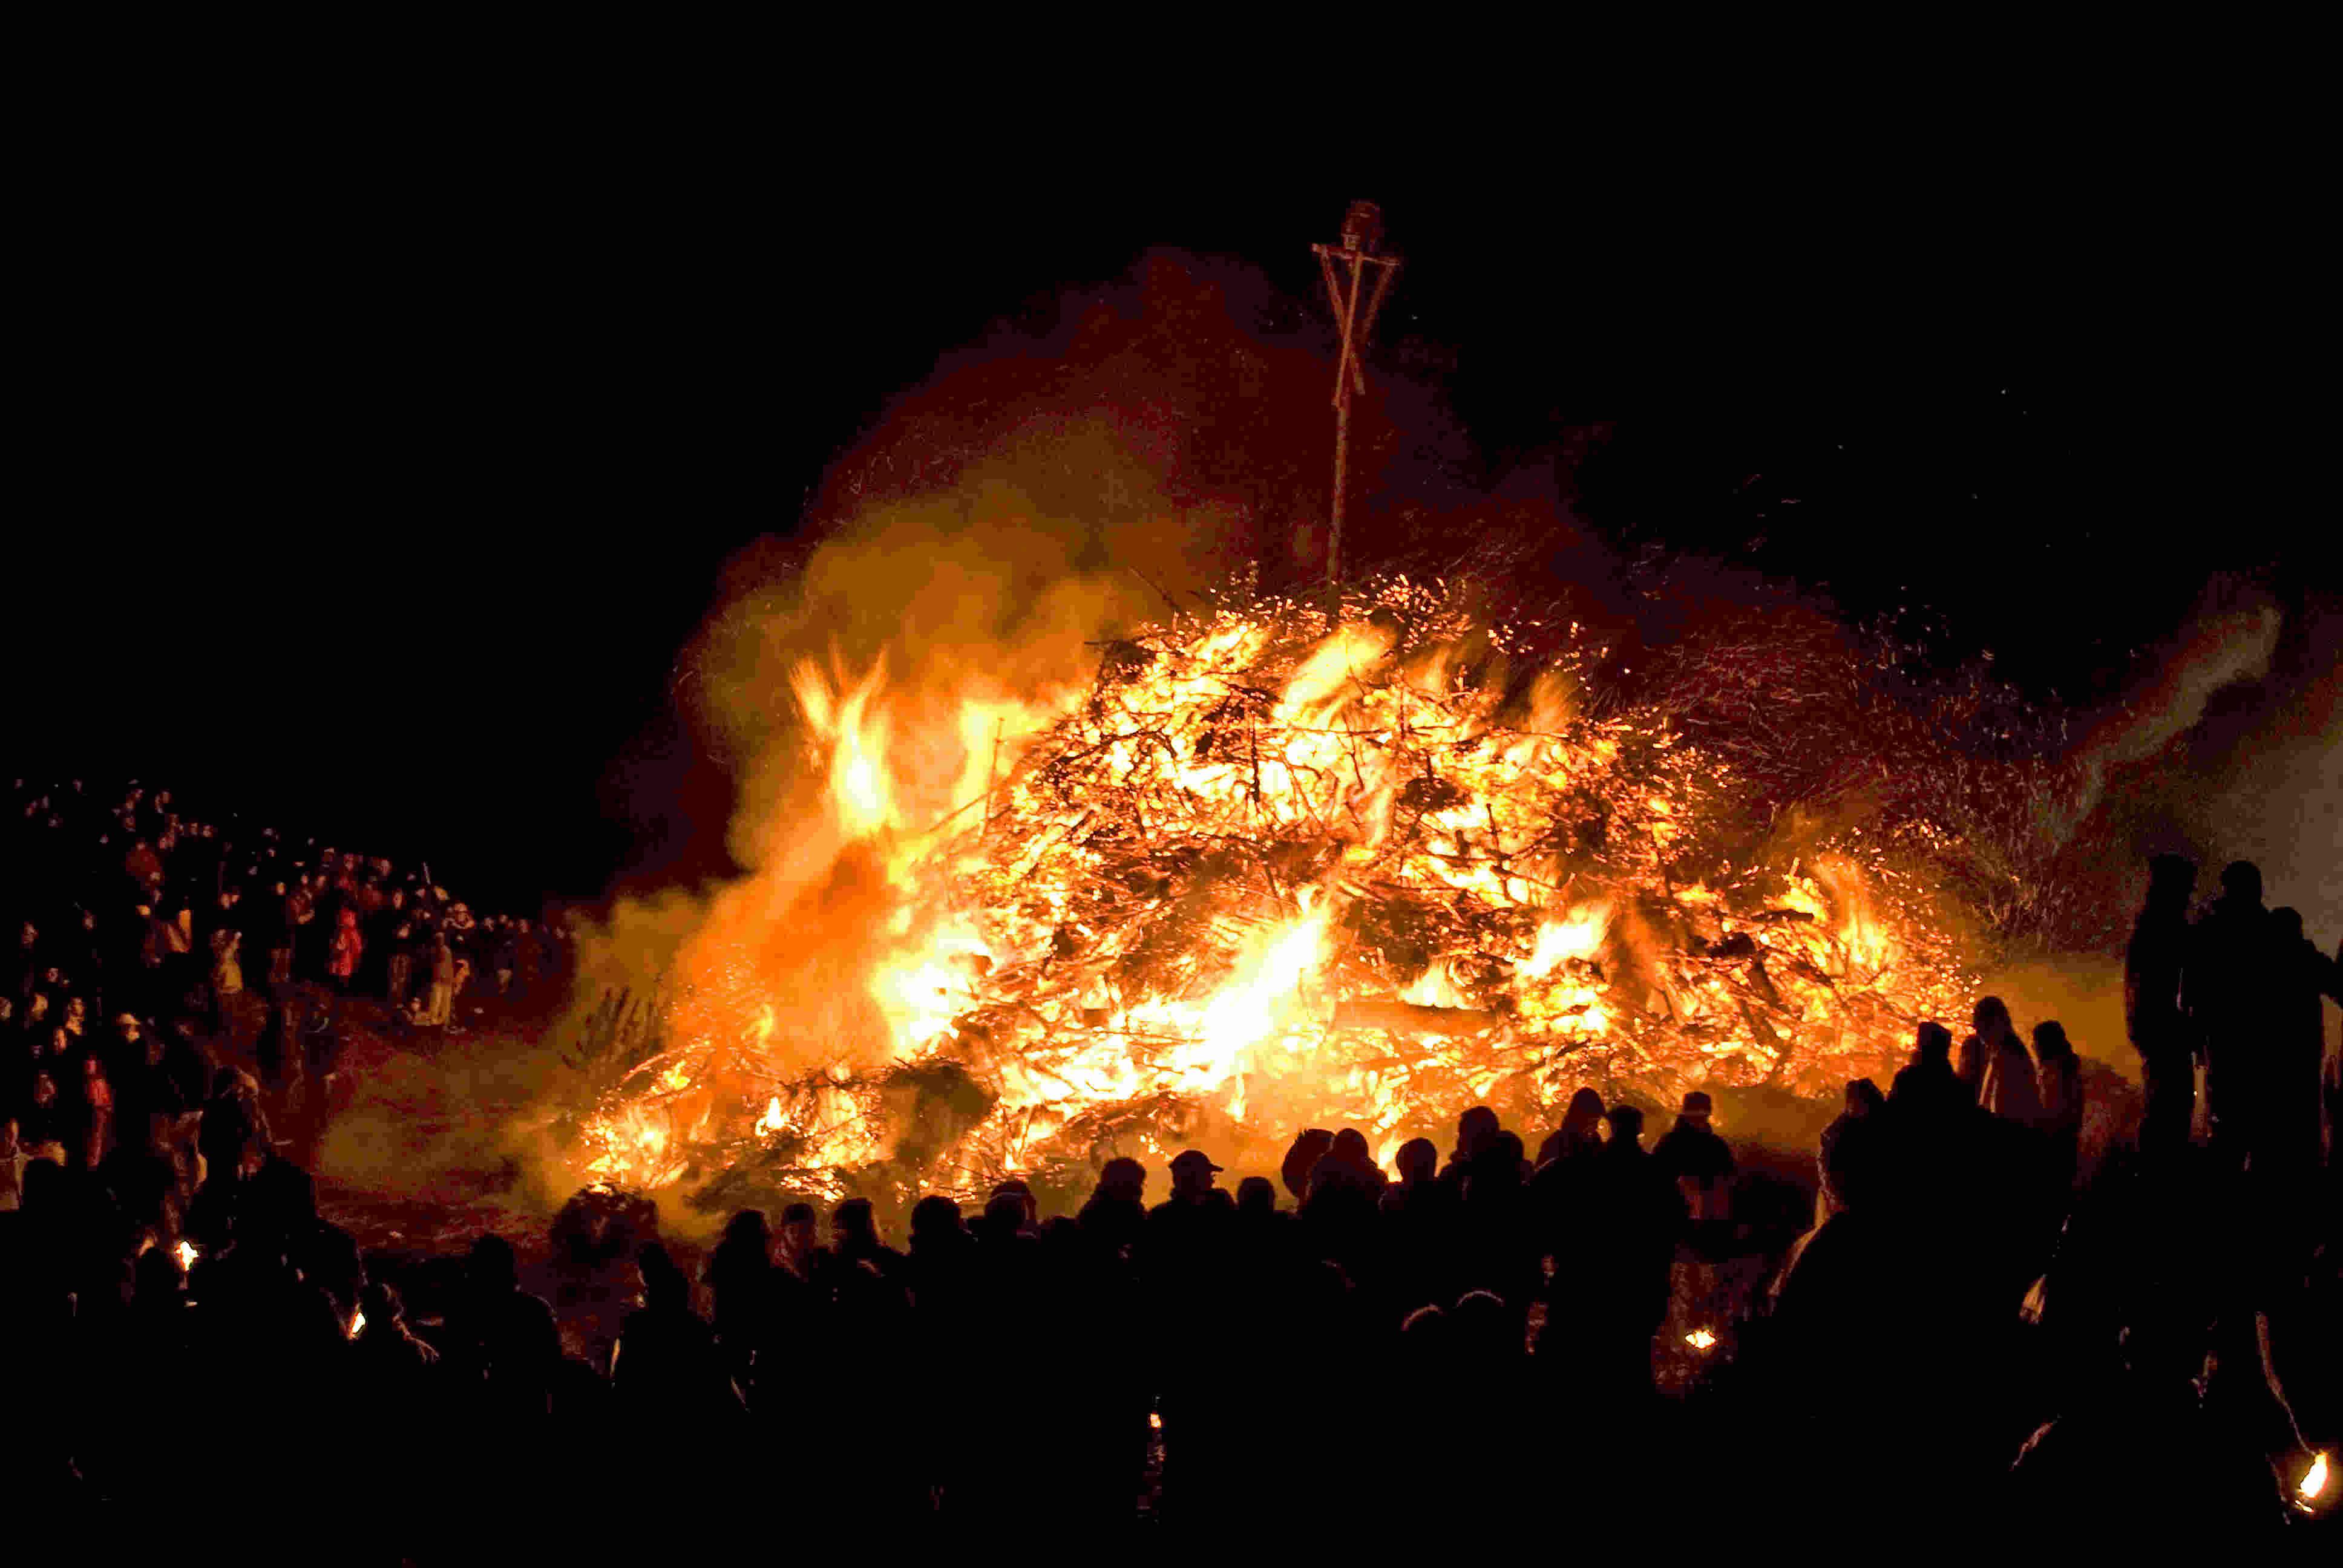 Großes Feuer beim Biikebrennen auf Sylt